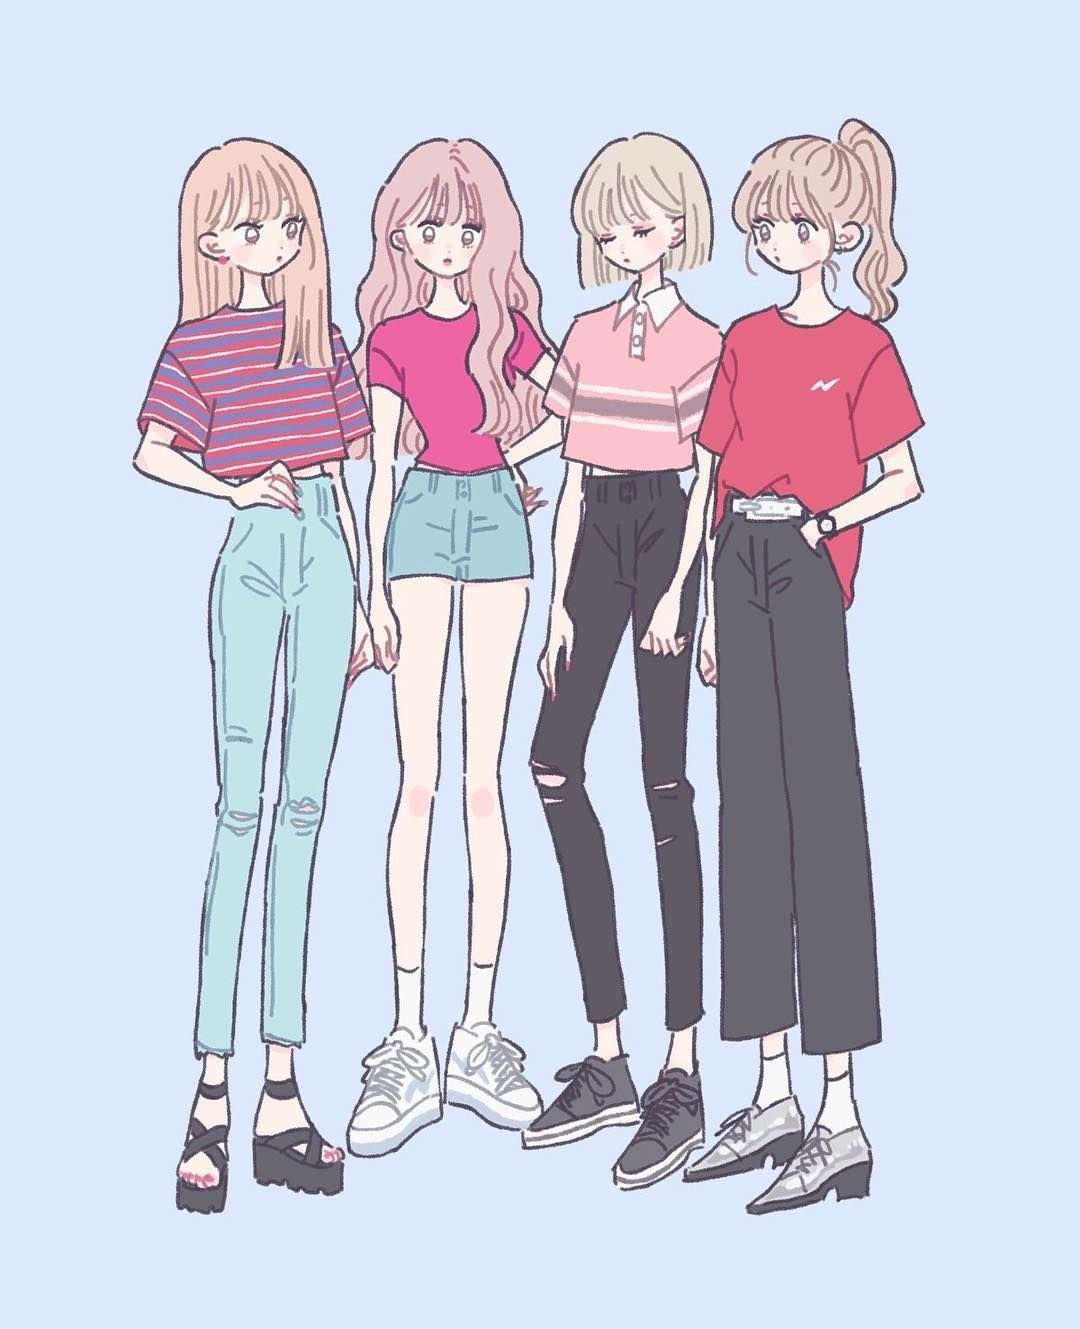 ふくほしい Illustration イラスト 女の子 ファッション Art In